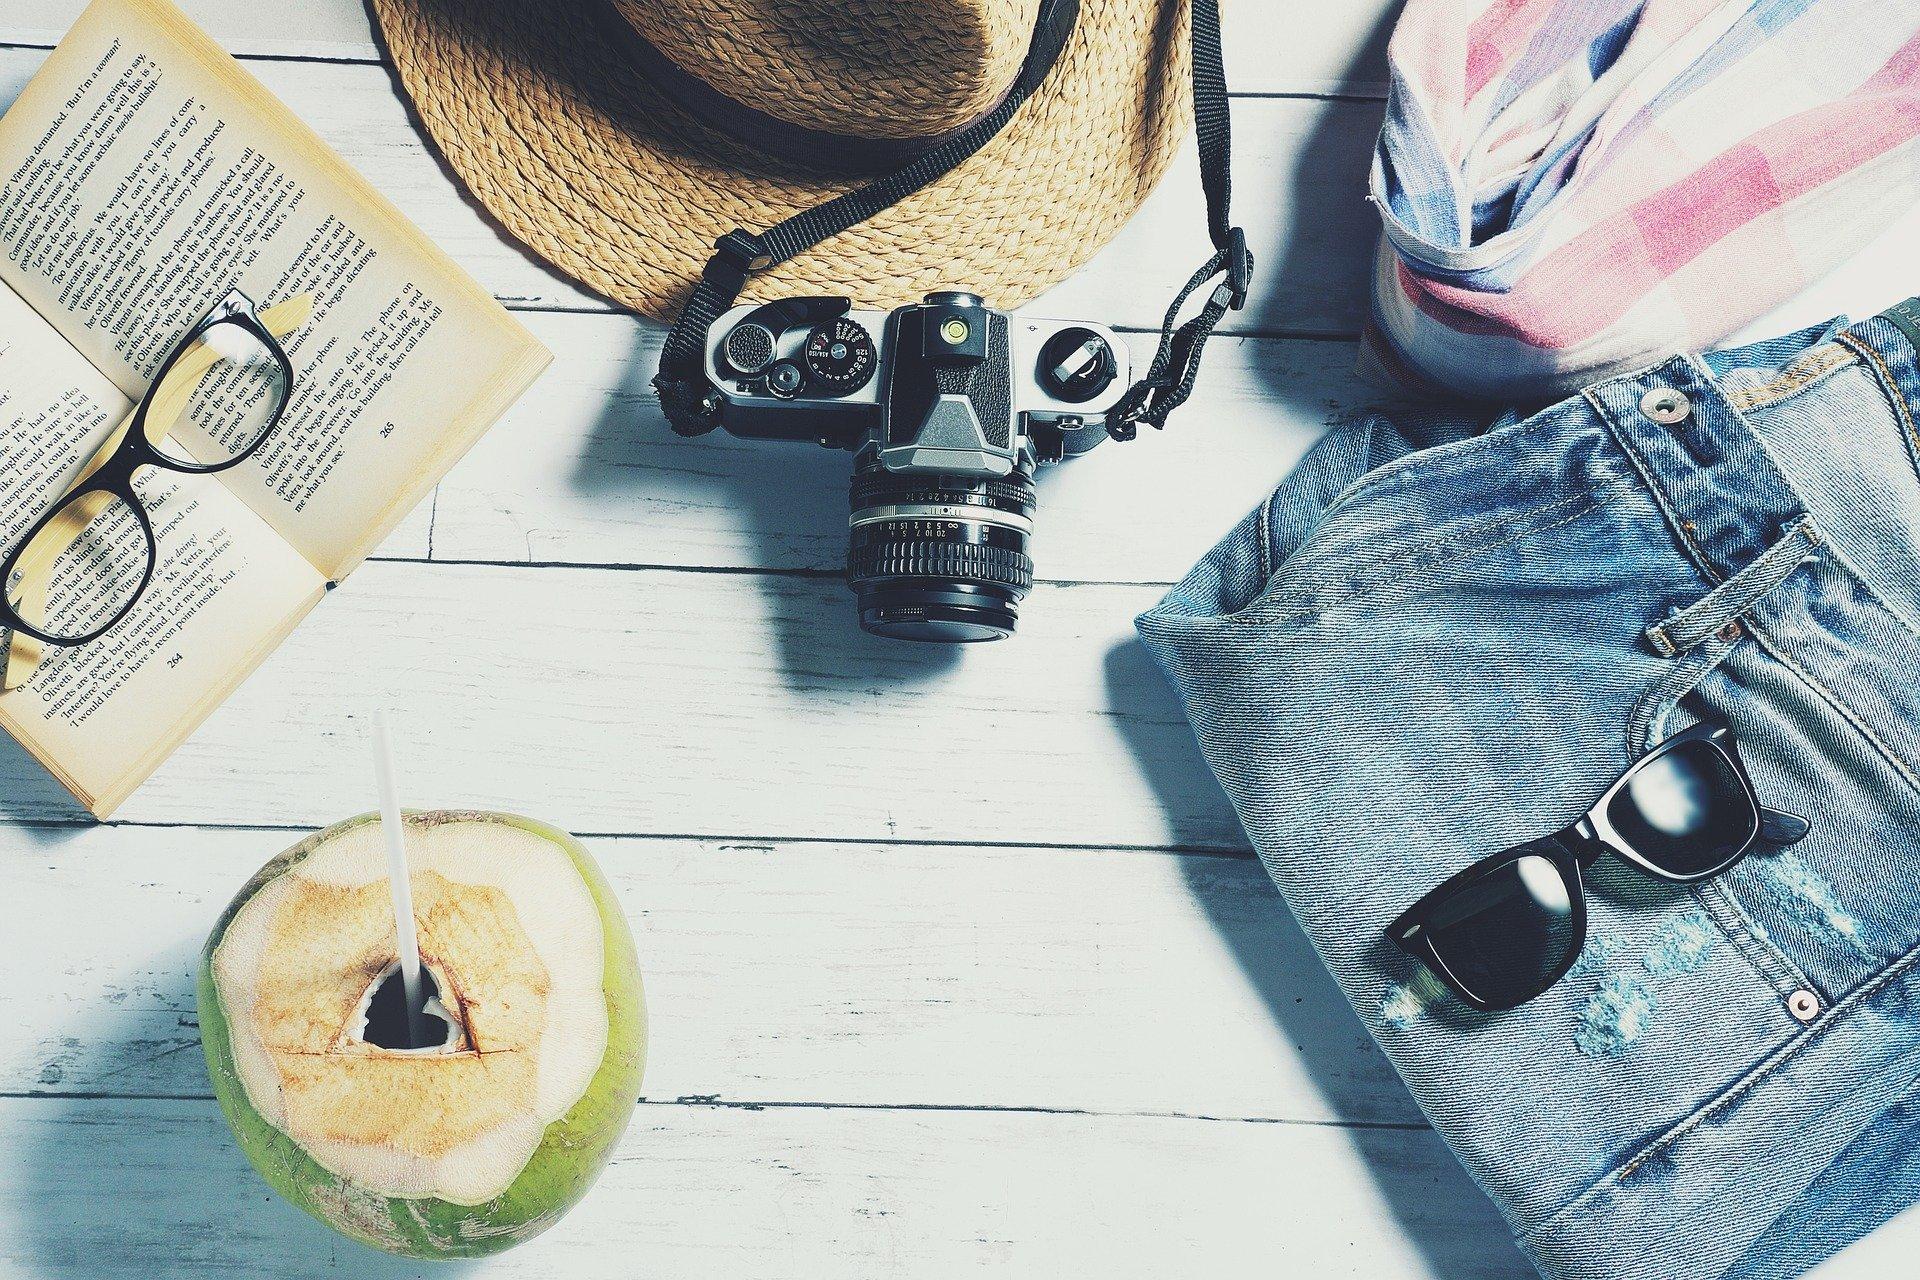 Pakning til ferie med kamera